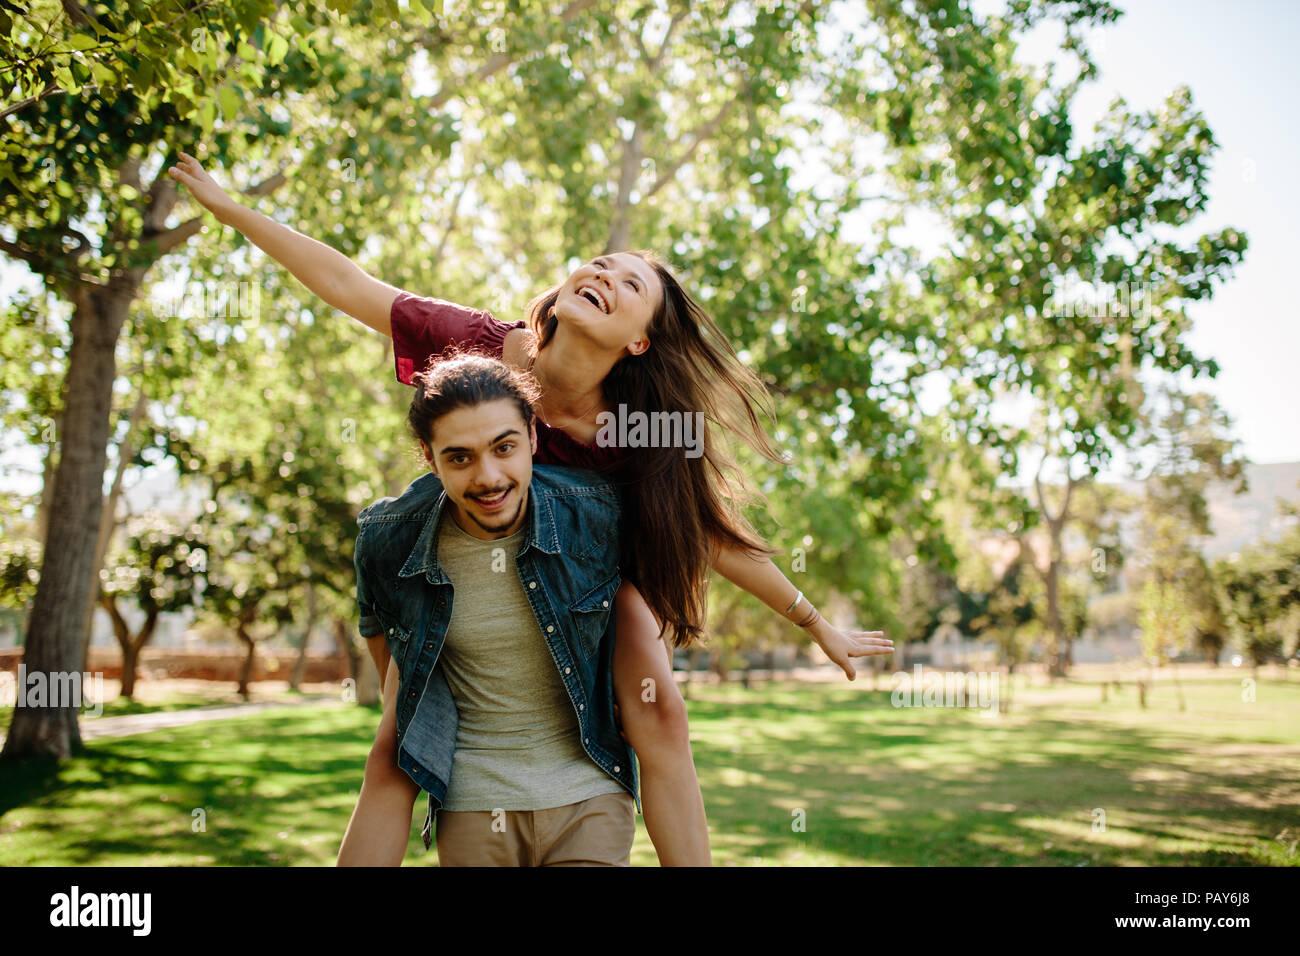 Gutaussehenden jungen Mann, seine Freundin ein piggyback Ride im Park geben. Paar Huckepack im Freien. Mann Frau mit breiten Armen. Stockbild